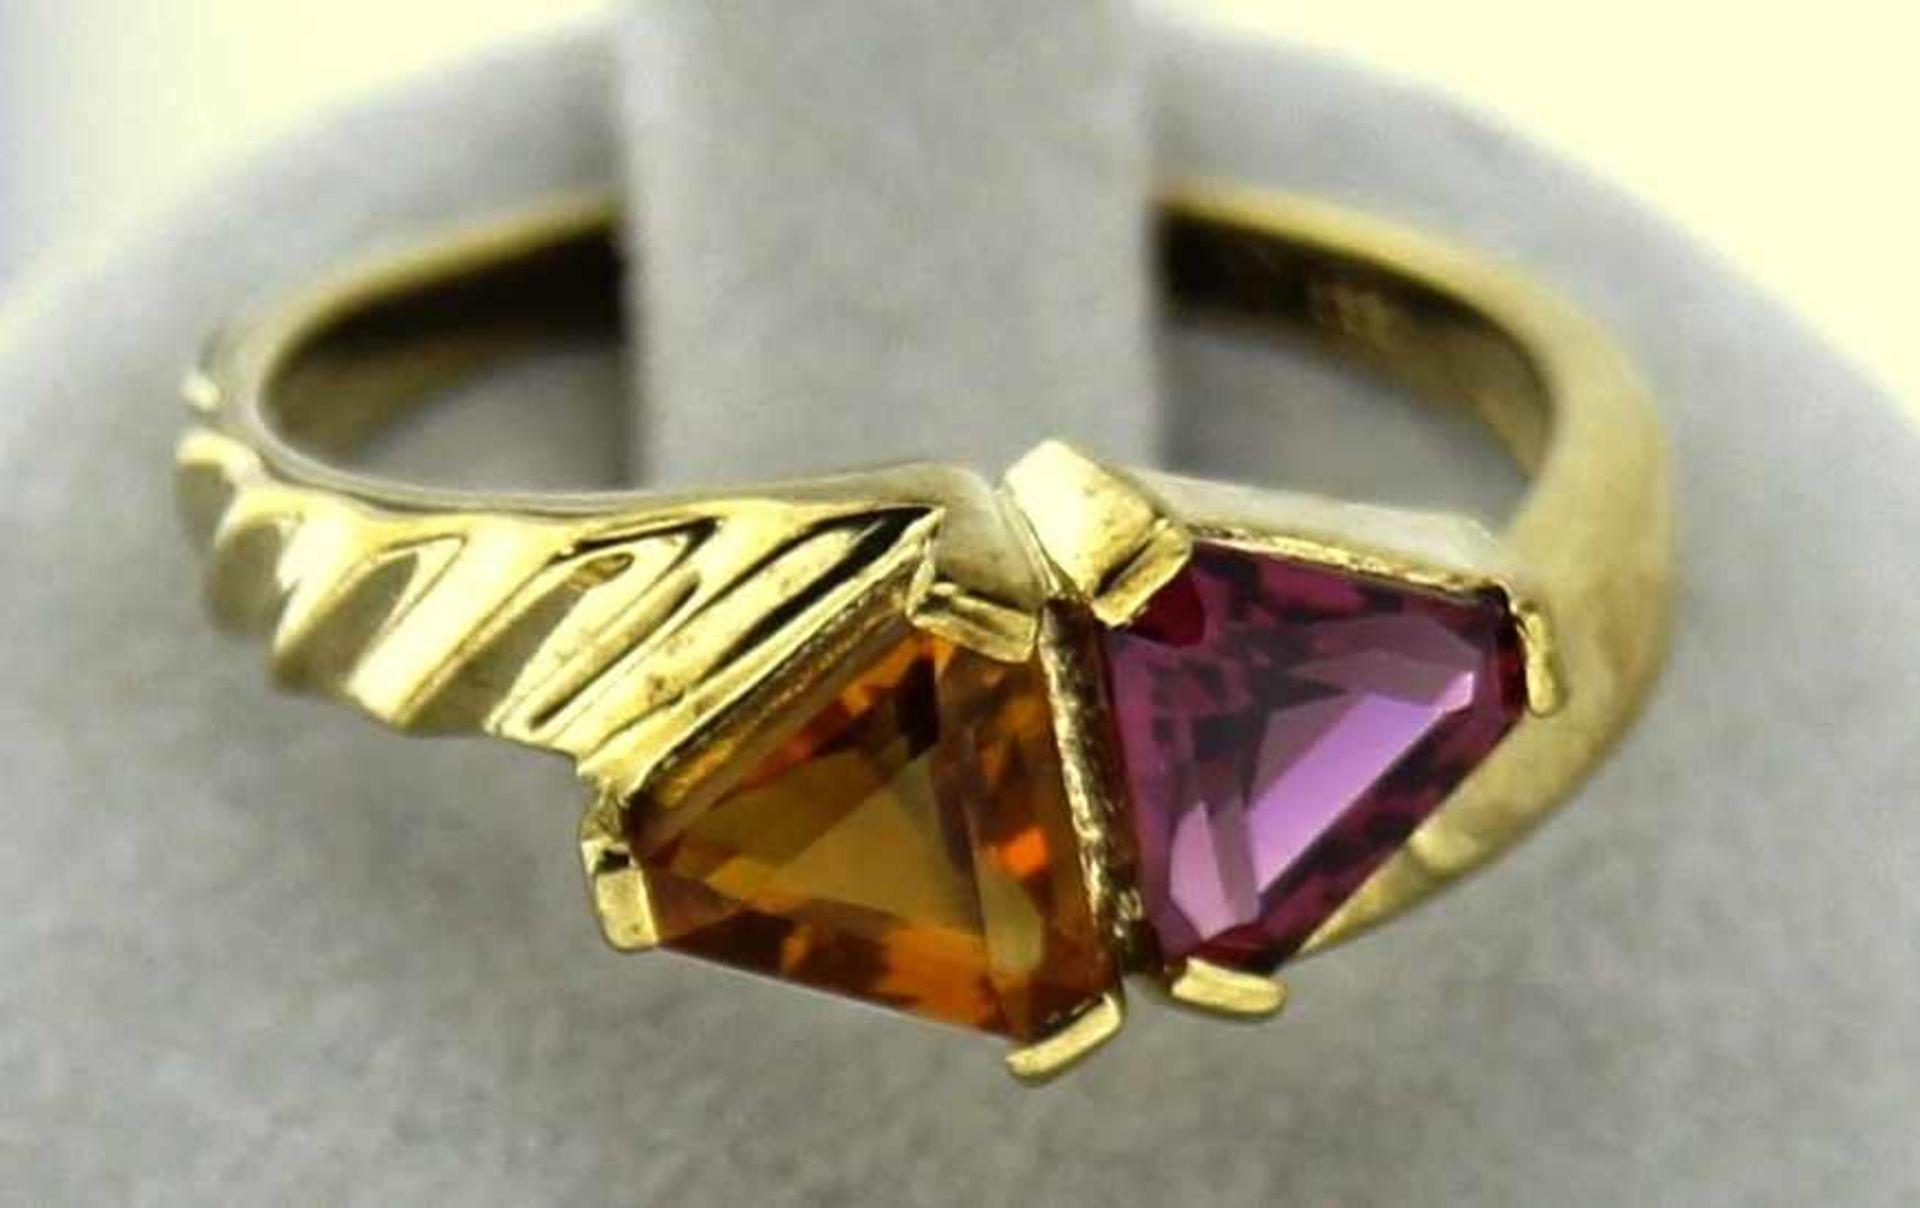 Damenring 333 Gold mit Citrin und Rhodolith, NOS Gr. 56, Gesamtgewicht ca. 3,6 Gramm, mit